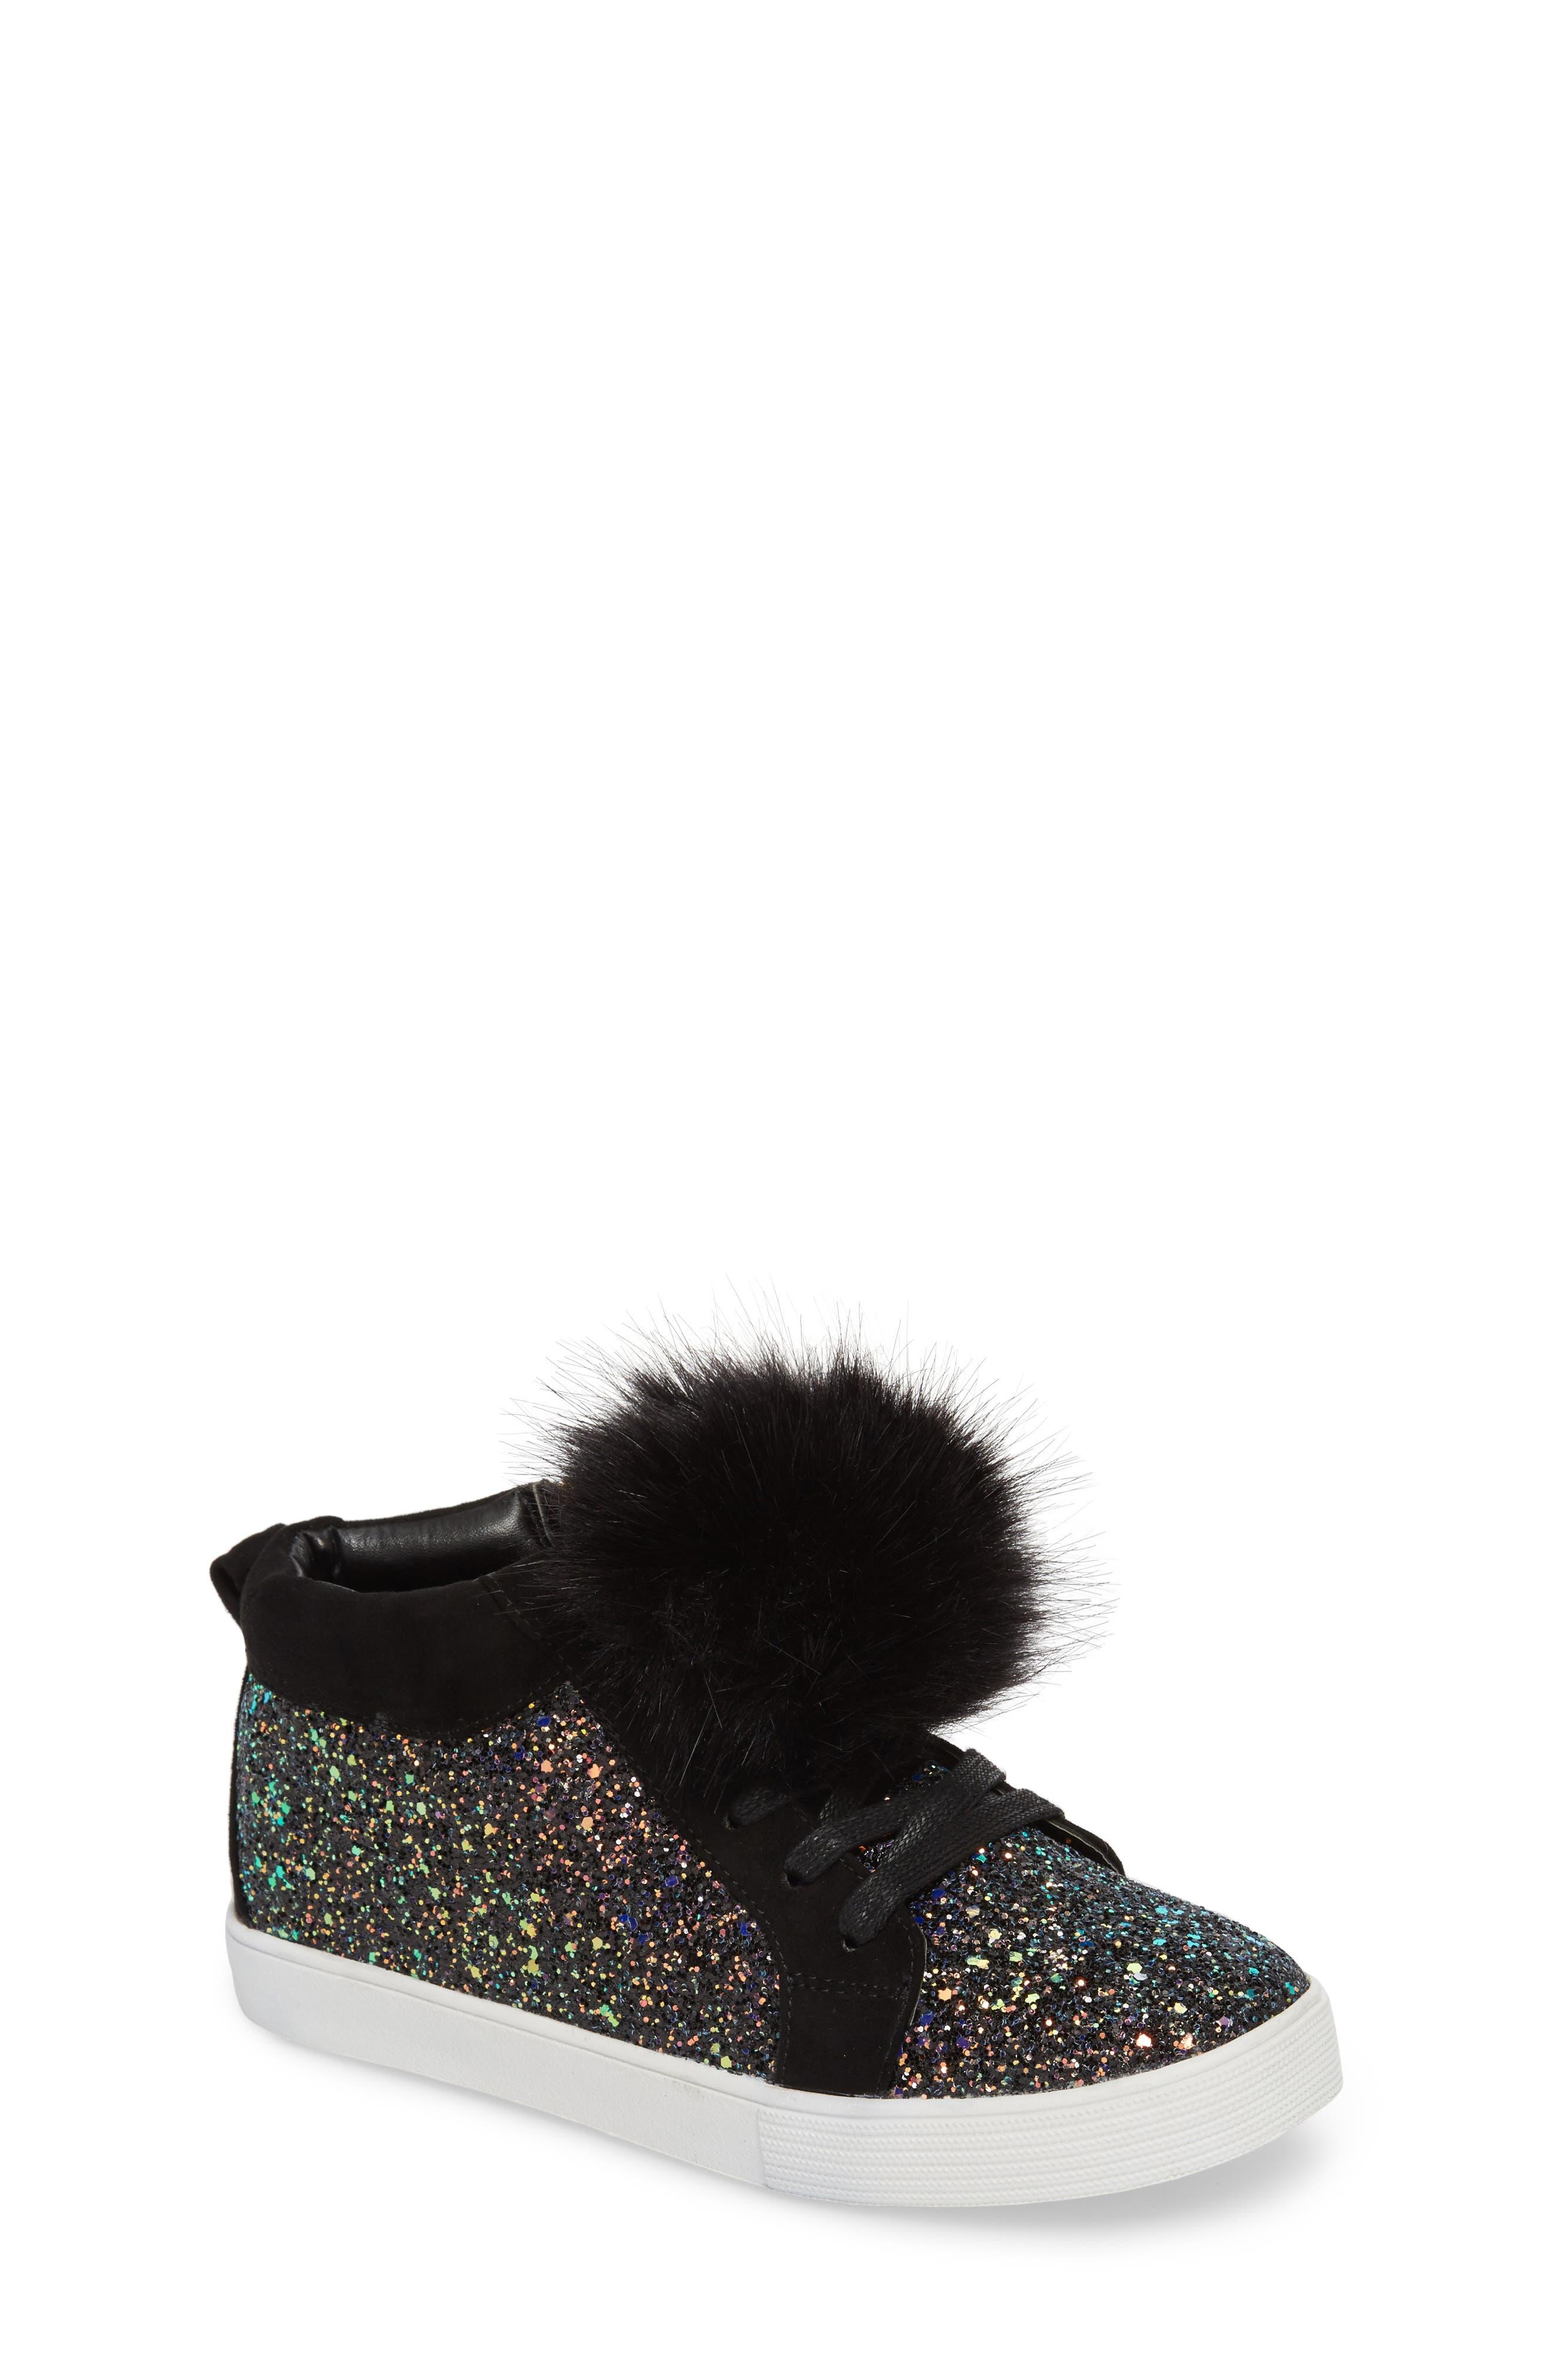 Bella Hira Faux Fur Glitter Pom Sneaker,                         Main,                         color, Black Multi Chunky Glitter